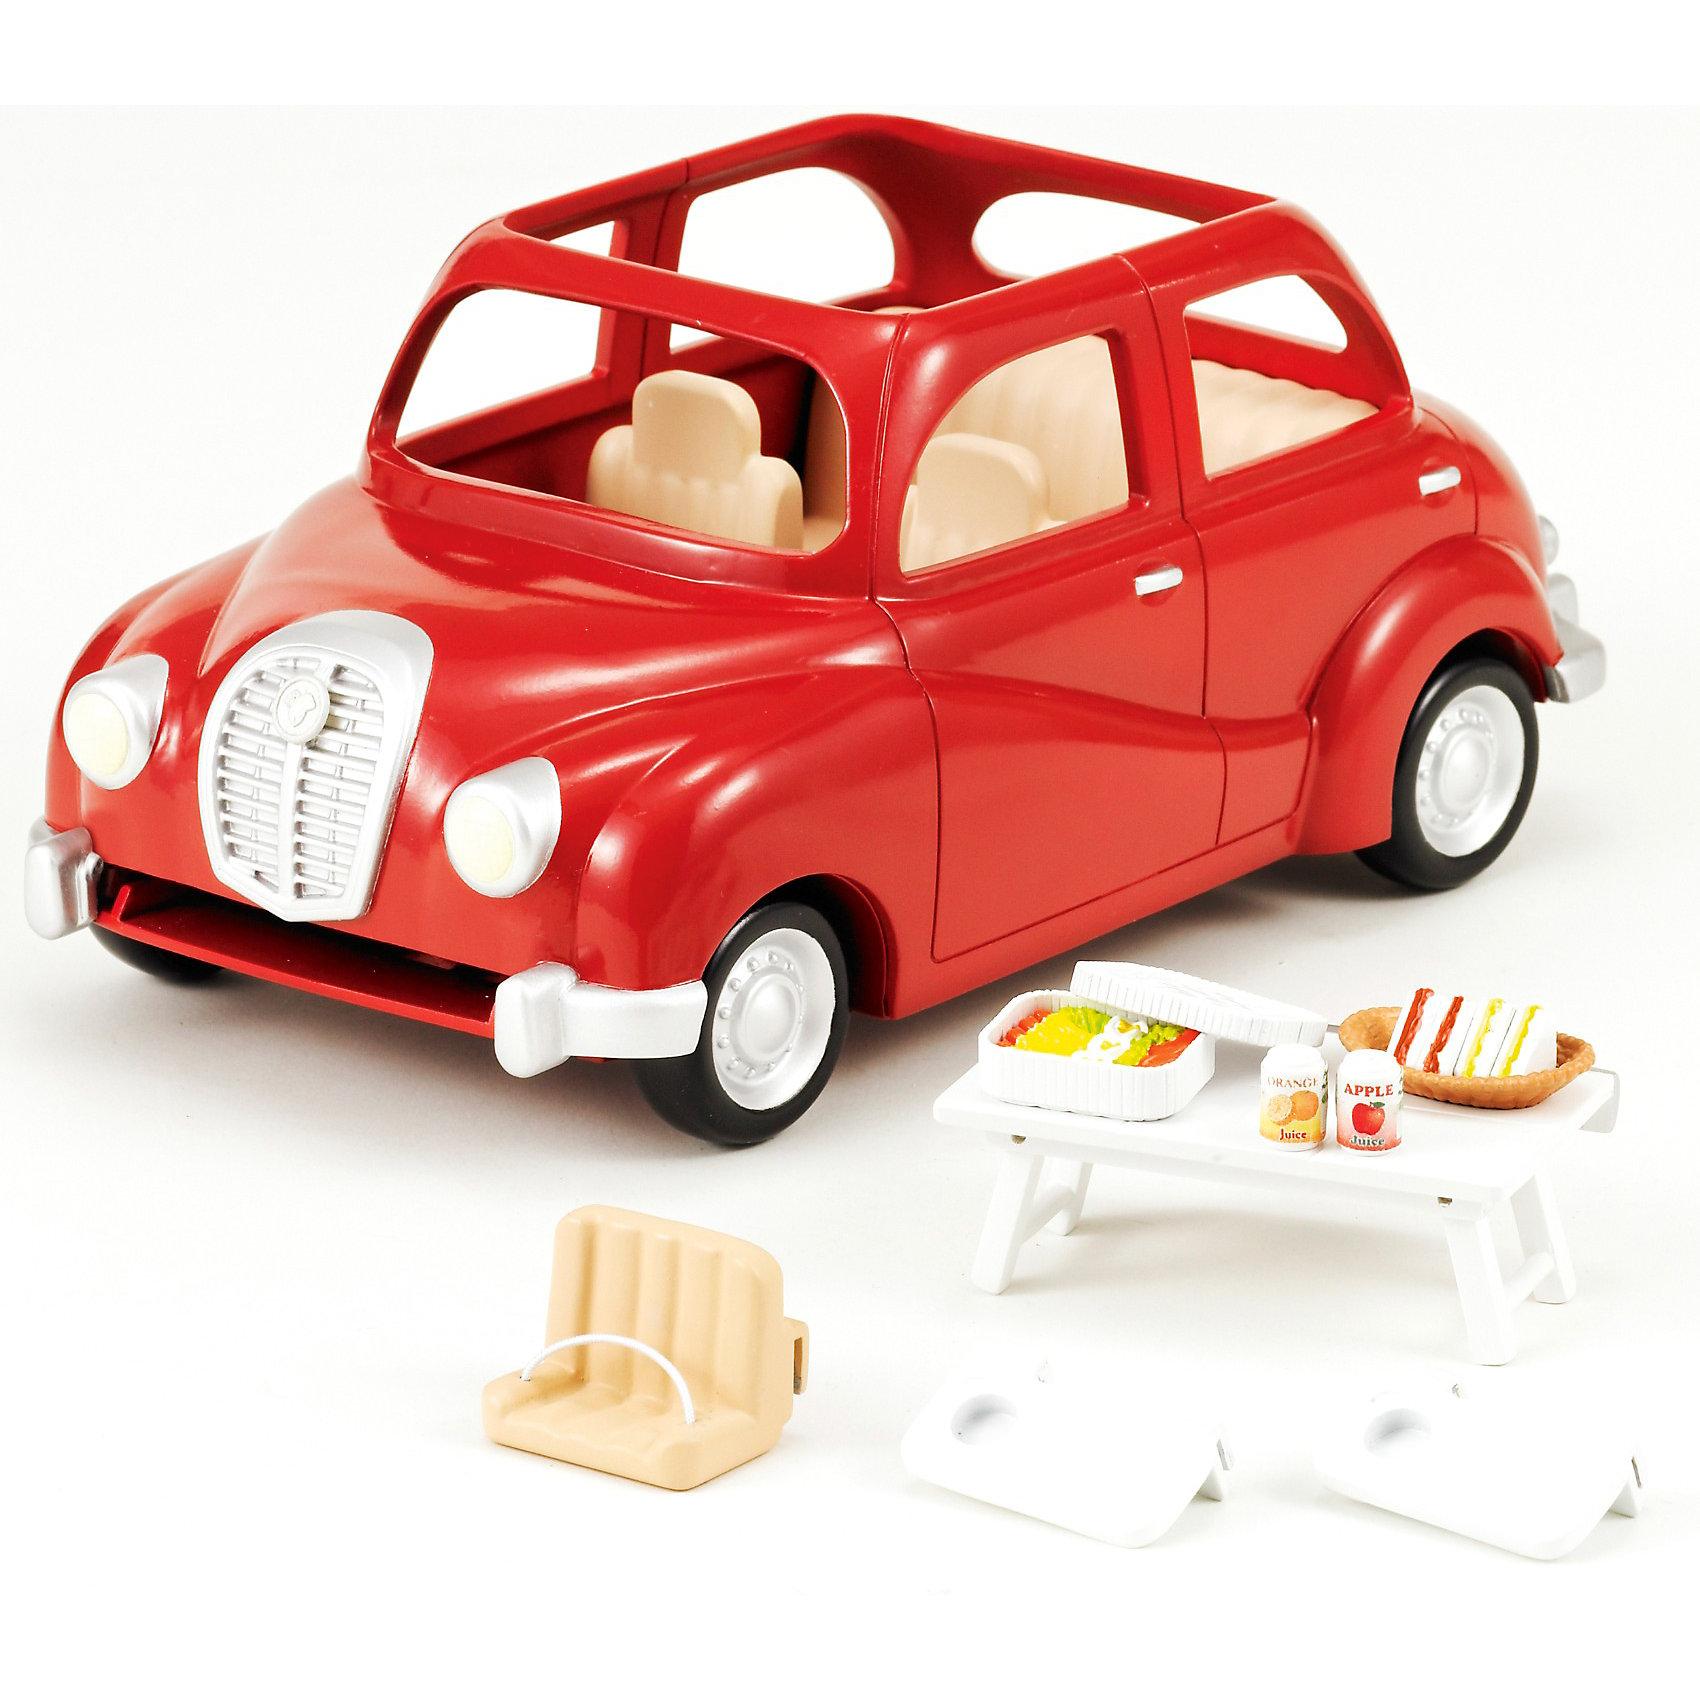 - Набор Семейный автомобиль, красный , Sylvanian Families купить автомобиль мерседес в германии